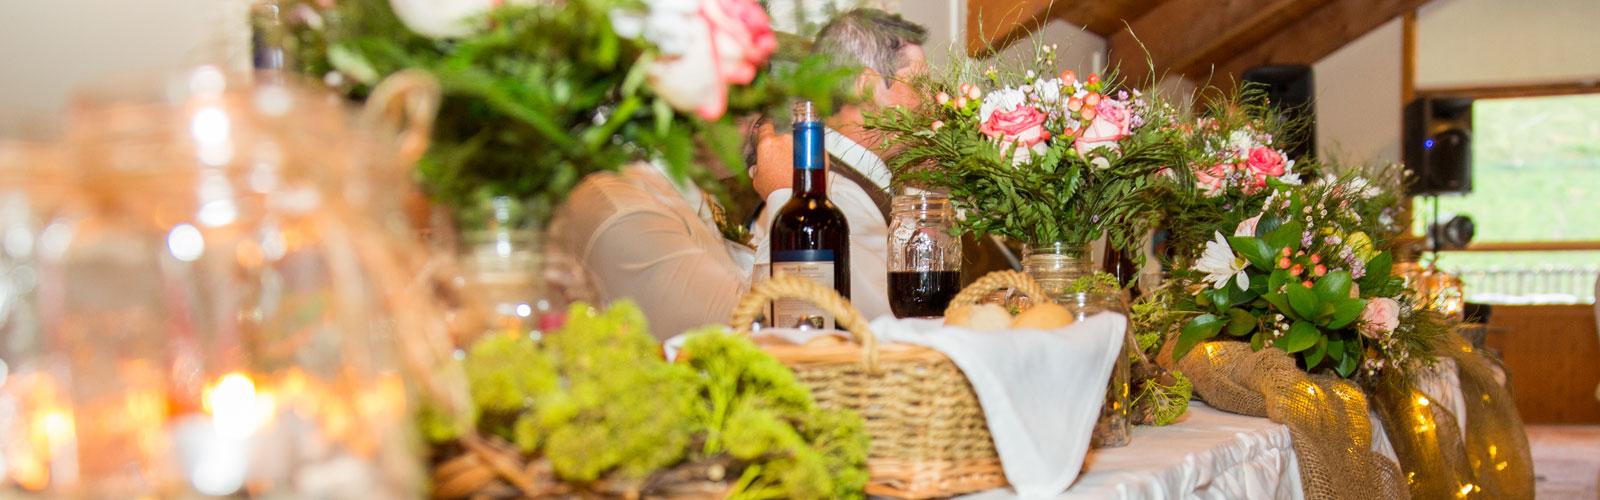 A la carte wedding menus Ontario wedding at the Peaks menu